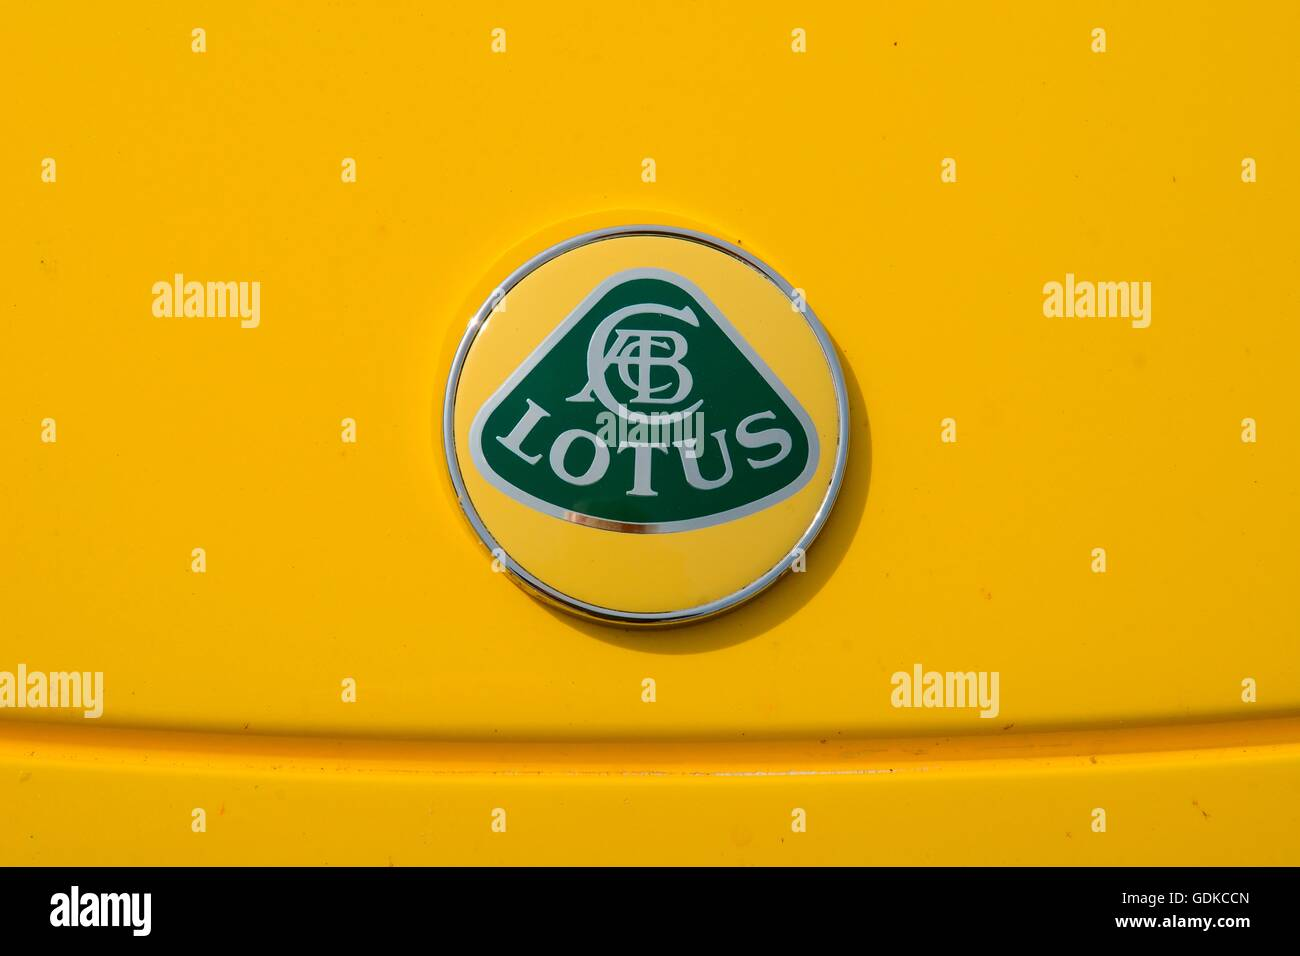 Emblem of english sports car Lotus Elise, Lotus car 2003 - Stock Image